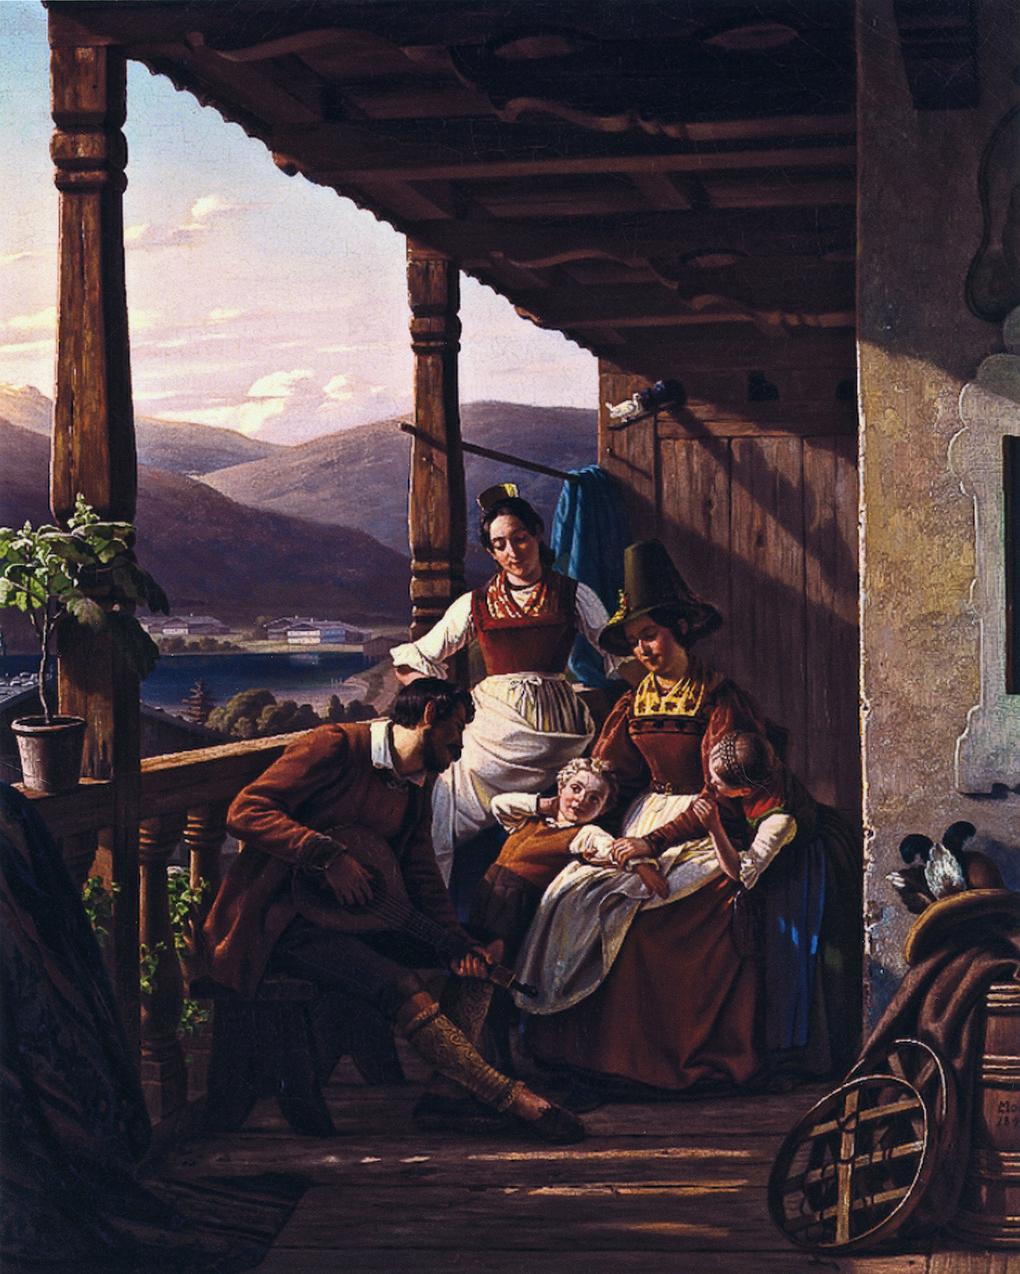 Ludwig Most, Wieczór w Tyrolu, 1842, olej na płótnie, zbiory prywatne